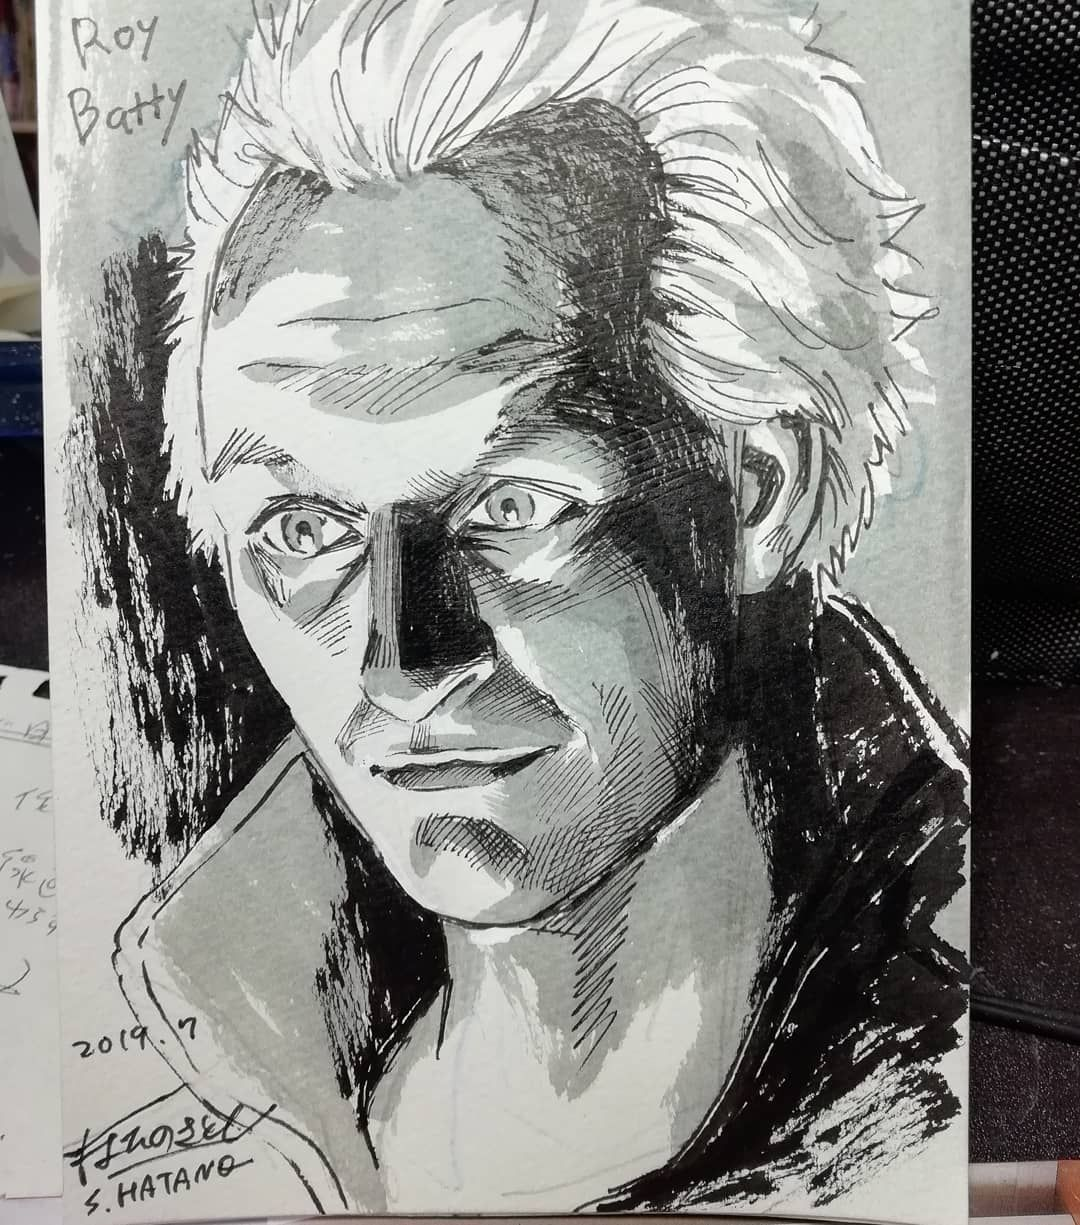 """はたの さとし on Instagram: """"#ブレードランナー の #ロイバッティ が本当に好きです。映画で描かれる2019年に旅立たれてしまった。寂しいです。 #RoyBatty #BladeRunner #RutgerHauer #RutgerHauerRIP  #ルトガーハウアー  #drawing #draw…"""""""